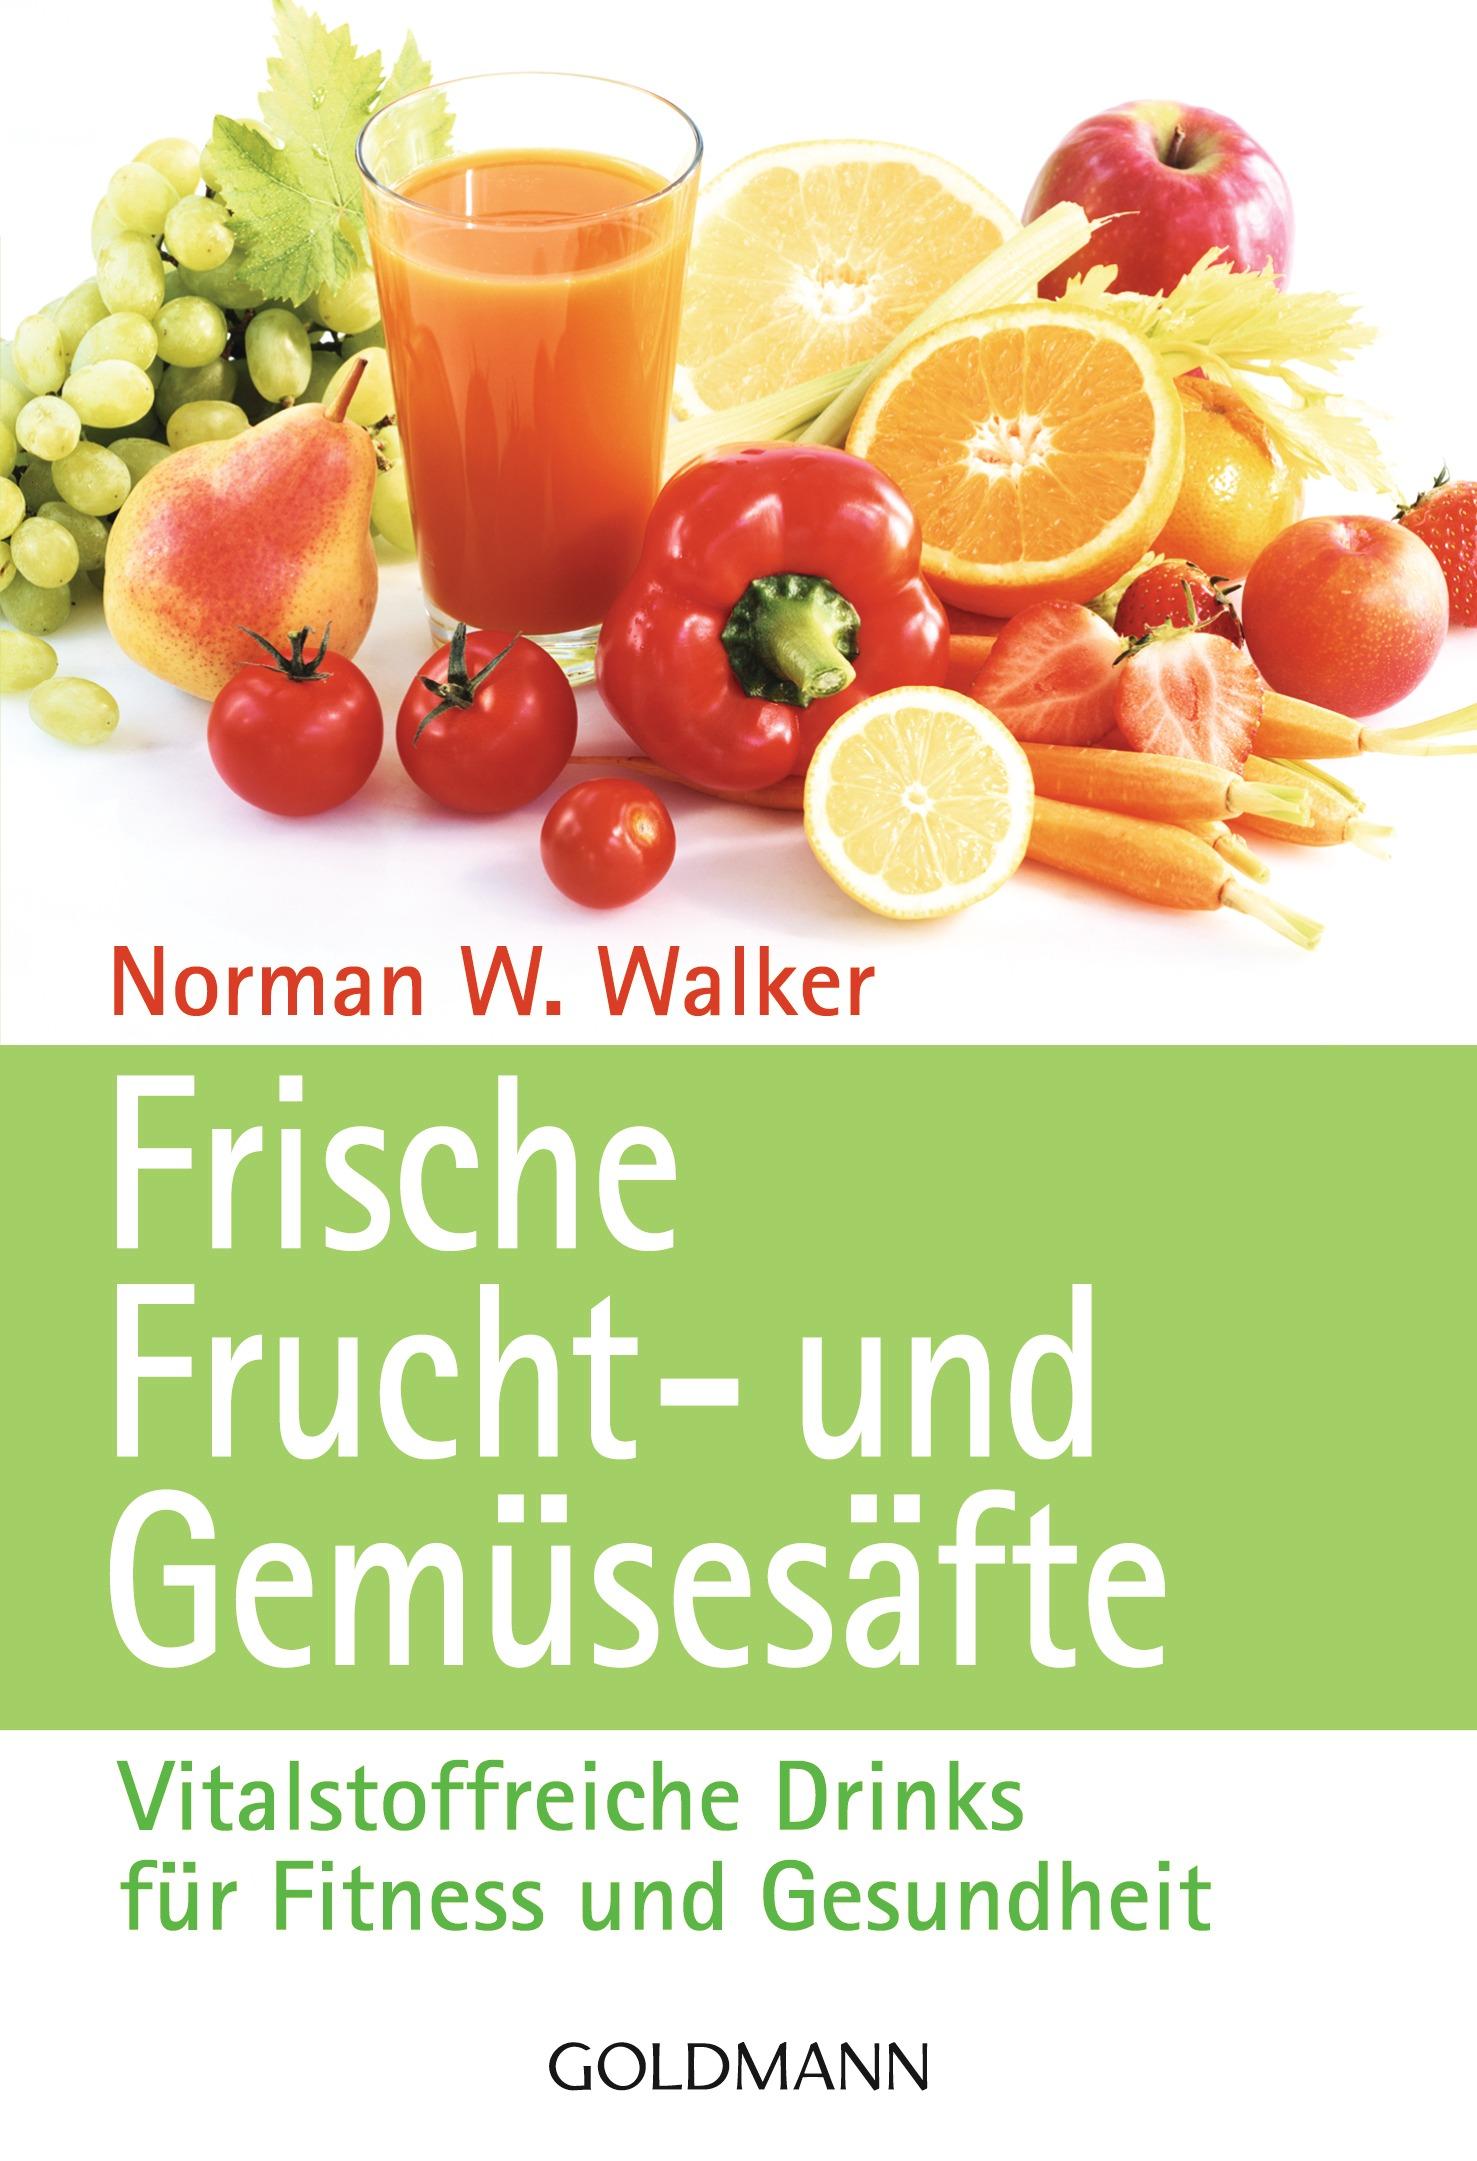 Frische Frucht- und Gemüsesäfte: Vitalstoffreiche Drinks für Fitness und Gesundheit - Dr. Norman W. Walker